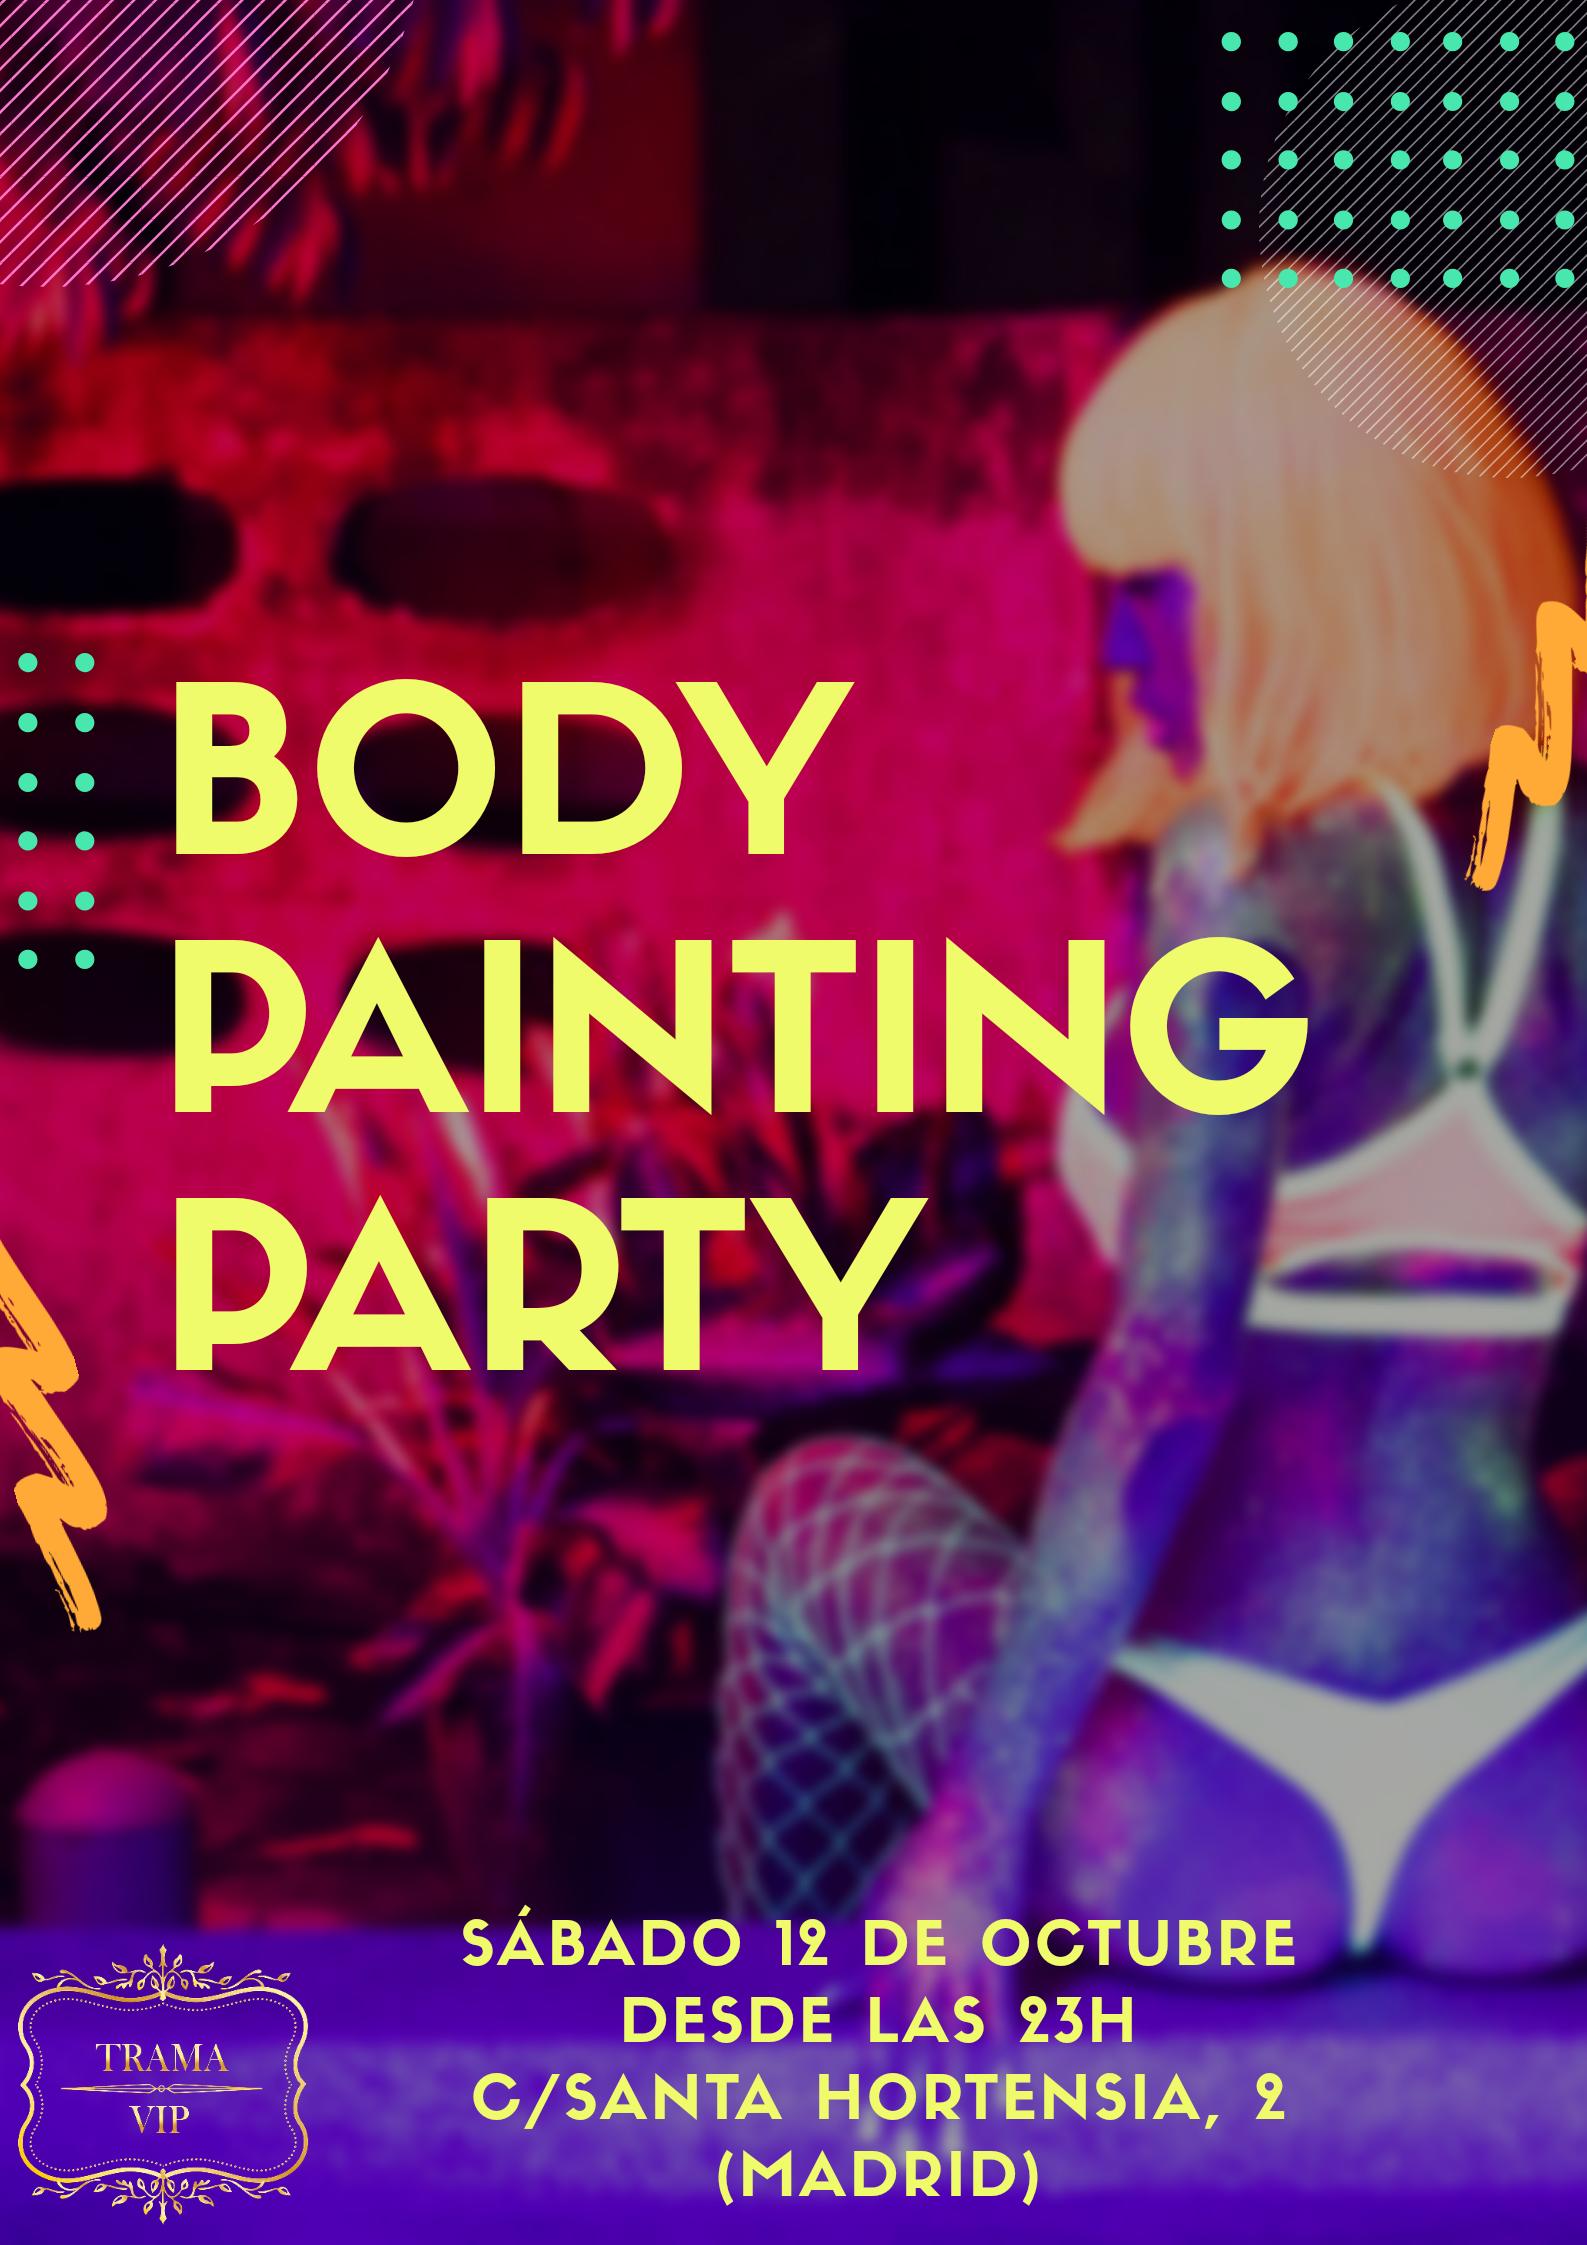 Body Painting Party – 12 de octubre 2019